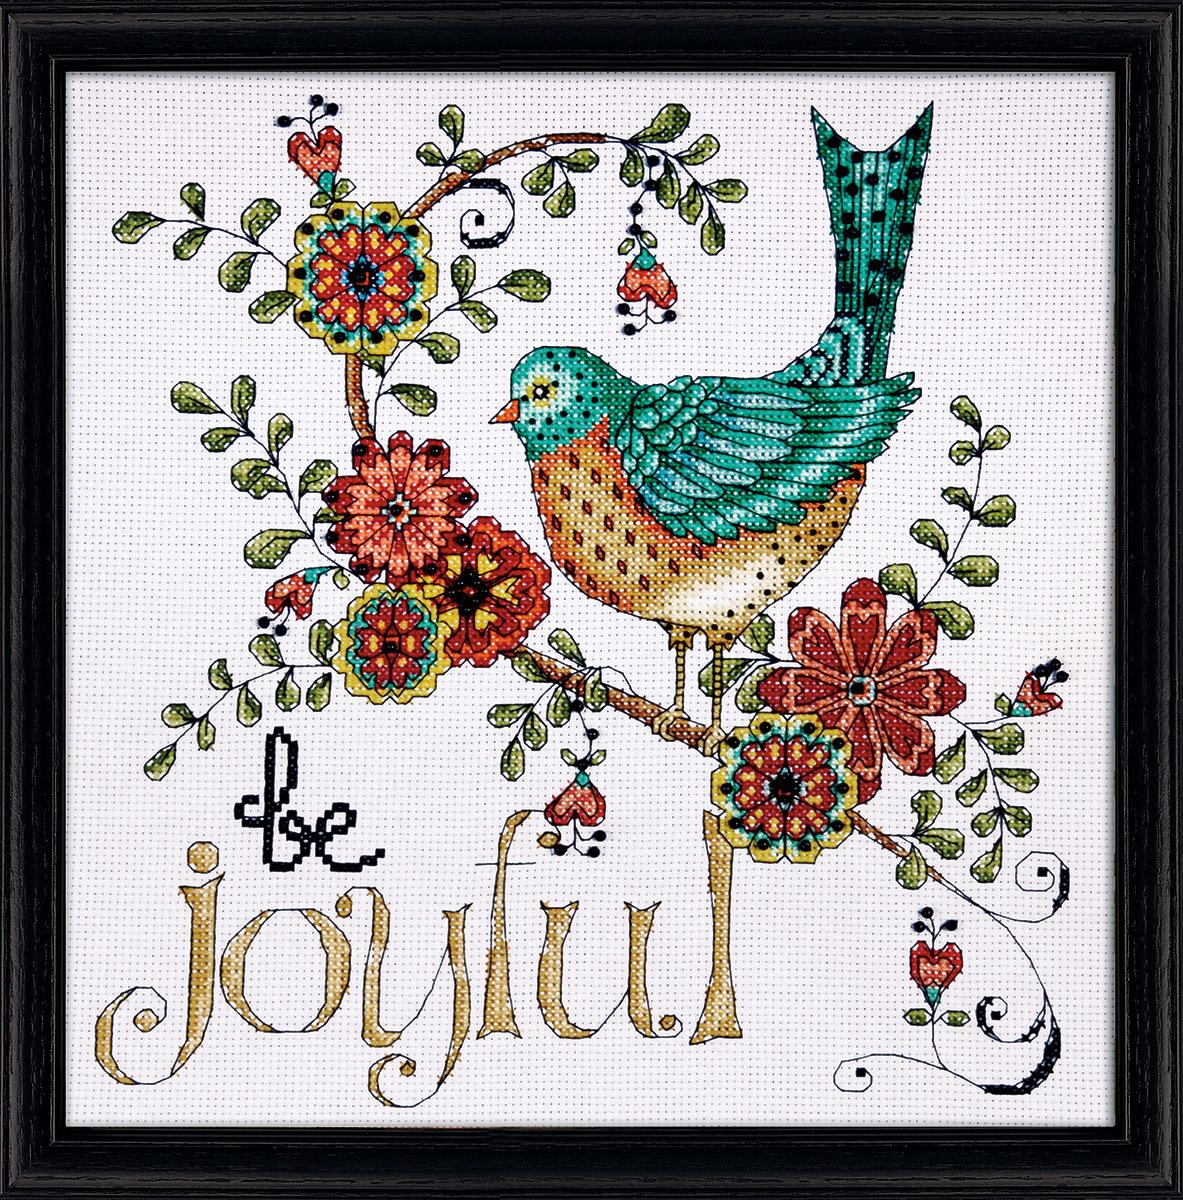 Набор для вышивания крестом Design Works Птица. Радость, 25 х 25 см2789Канва Аида 14 (100% хлопок), нитки мулине (100% хлопок), игла, подробная инструкция со схемой вышивки на русском языке